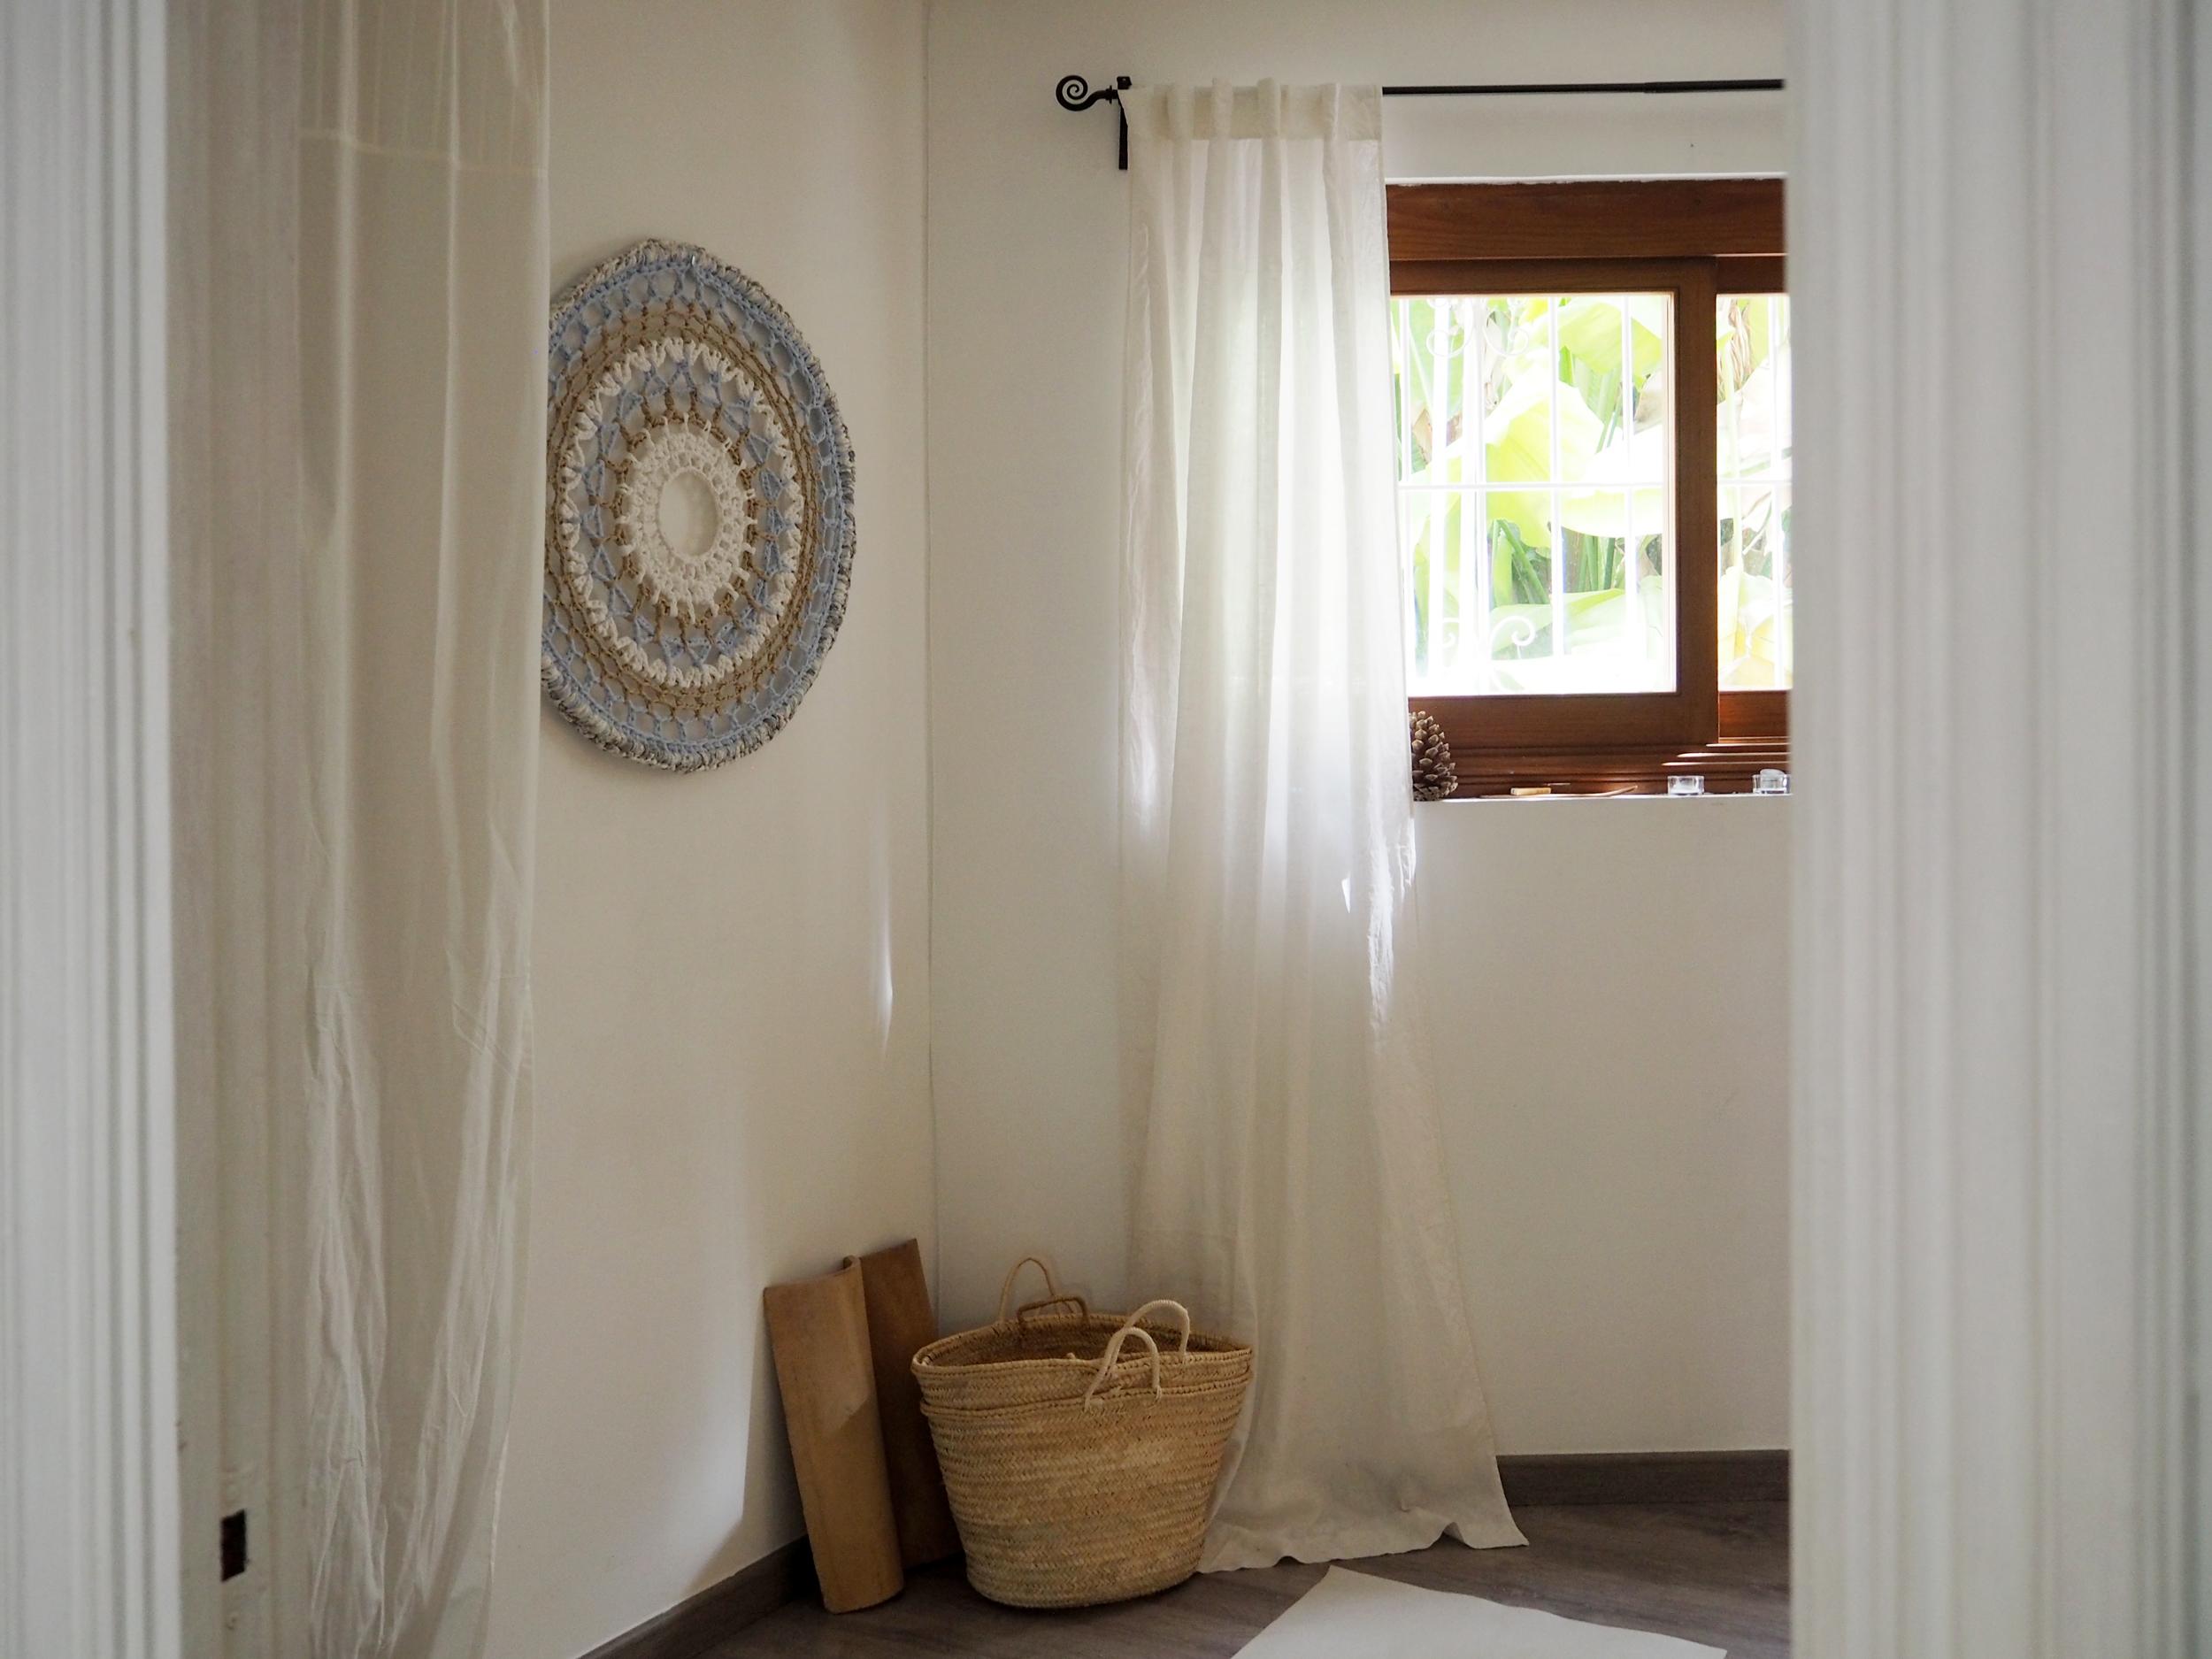 deguayhaus-interior-design-23